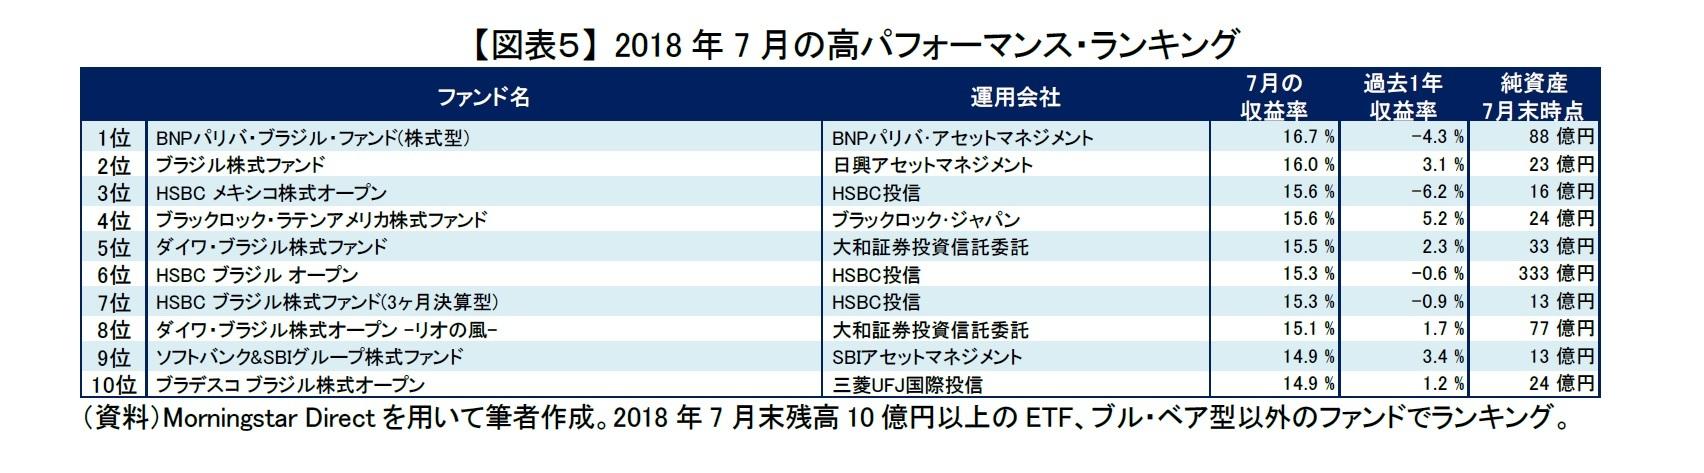 【図表5】 2018年7月の高パフォーマンス・ランキング